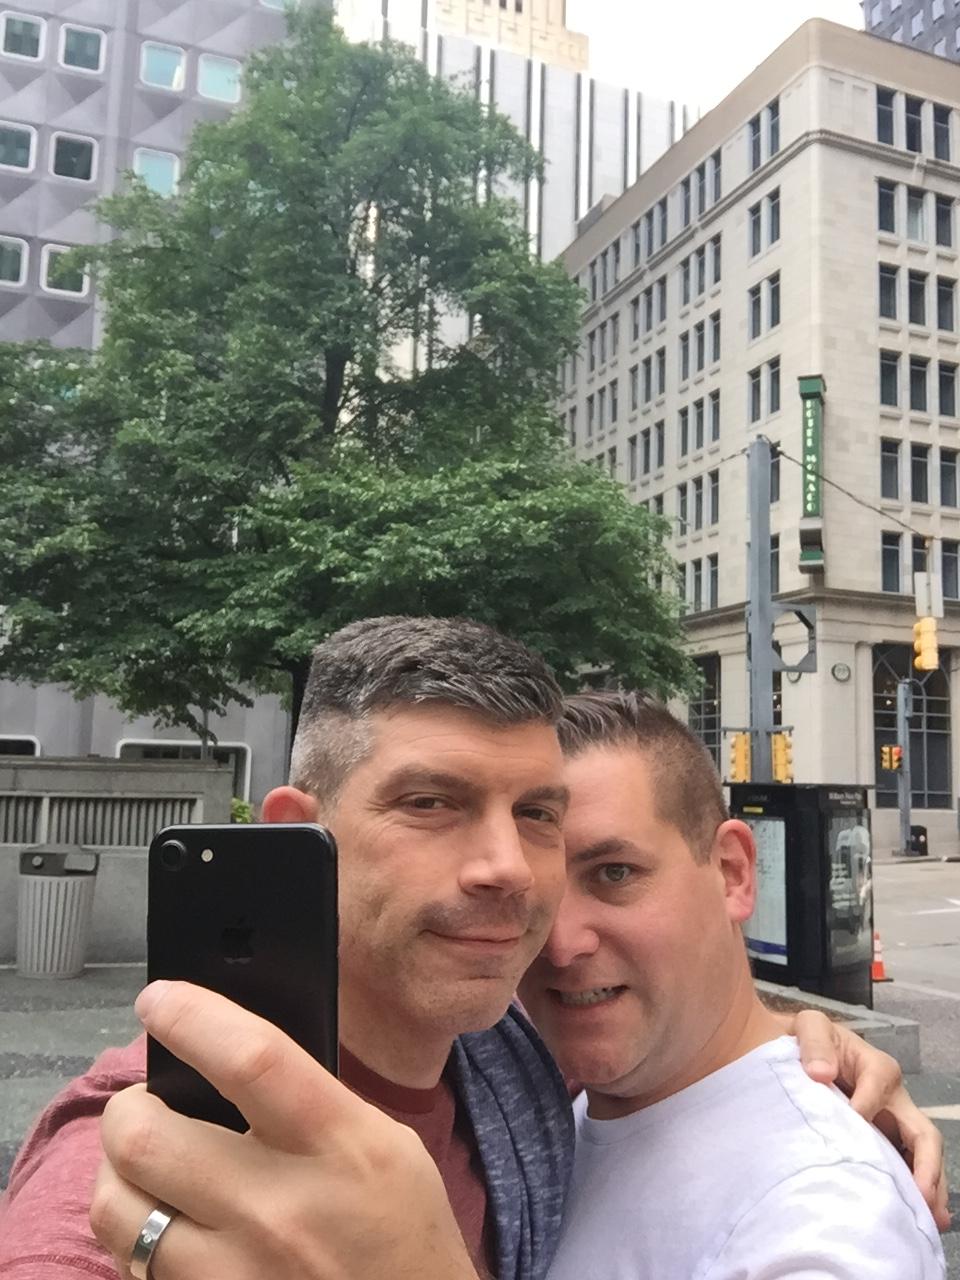 Selfie of a selfie in Pittsburgh